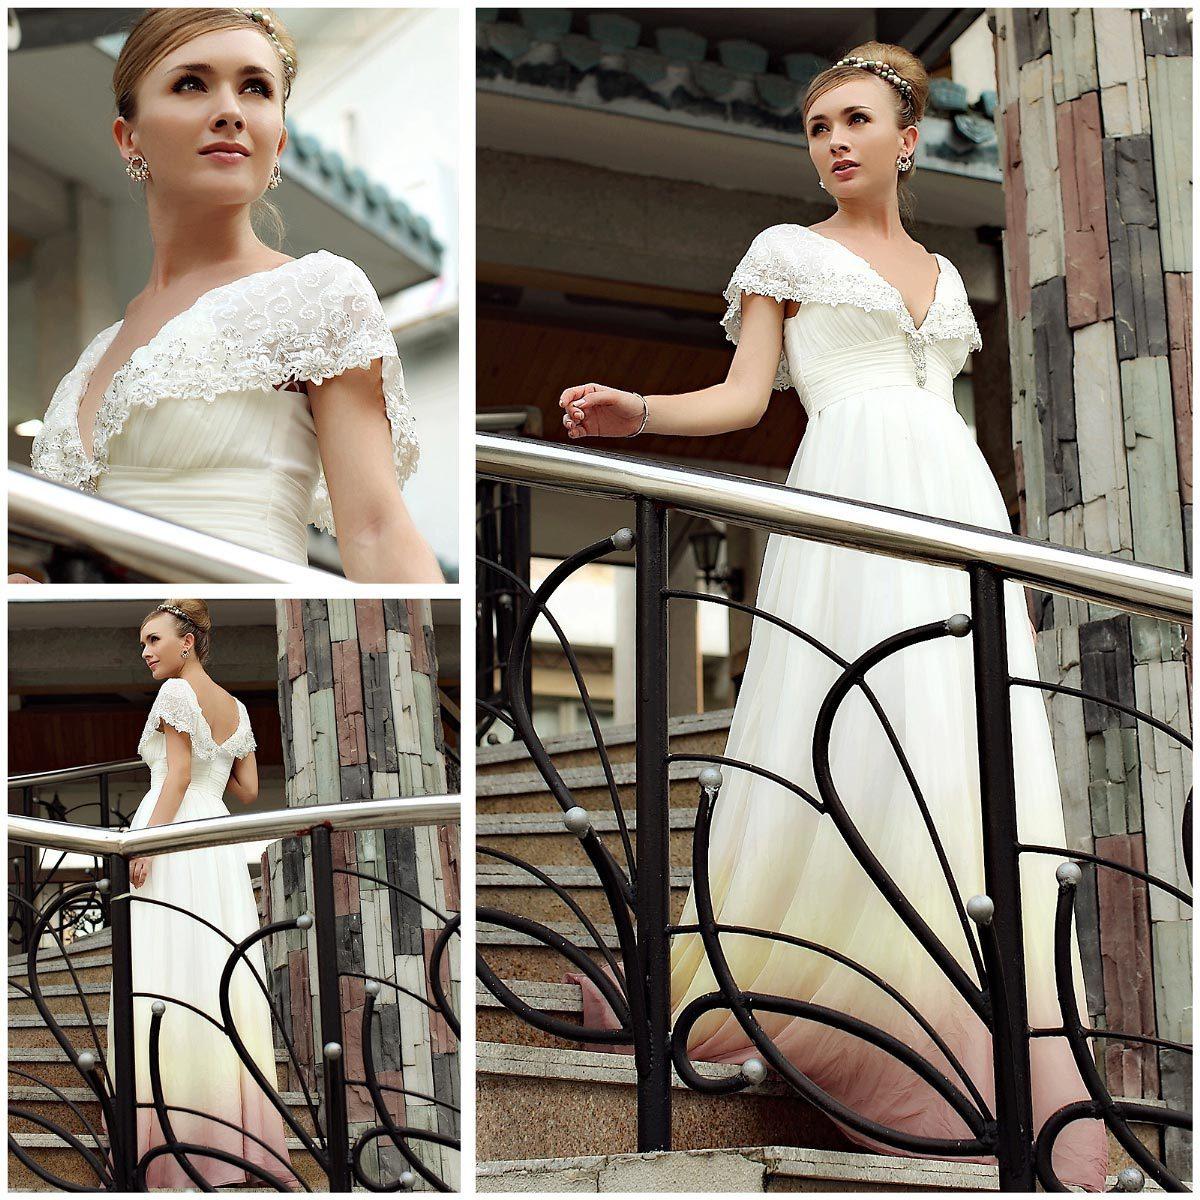 Вечернее платье 39620 Свадебные Платья свидетельницы/подружек невесты платья 2011 новый Корея обновки вечер длинный тост одежды